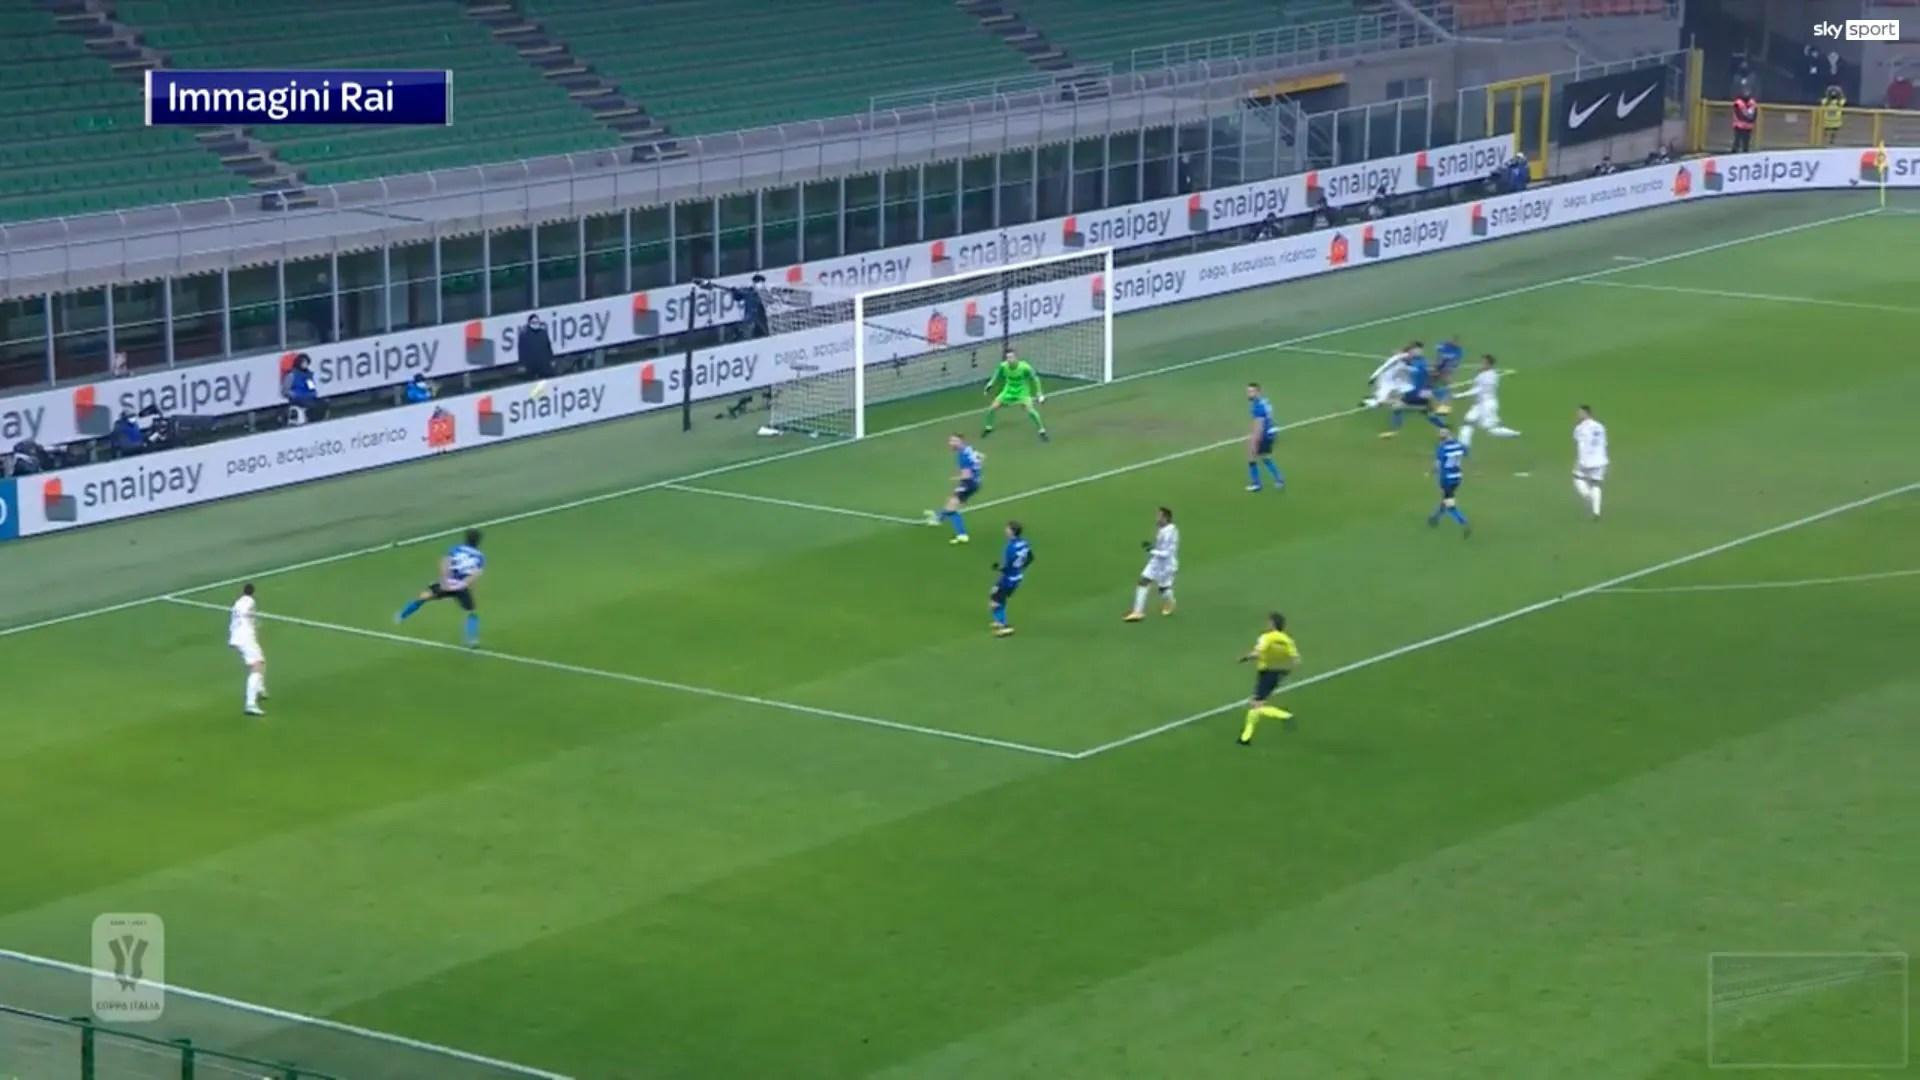 Calvarese osserva la postura del calciatore dell'Inter (braccia incrociate dietro la schiena)